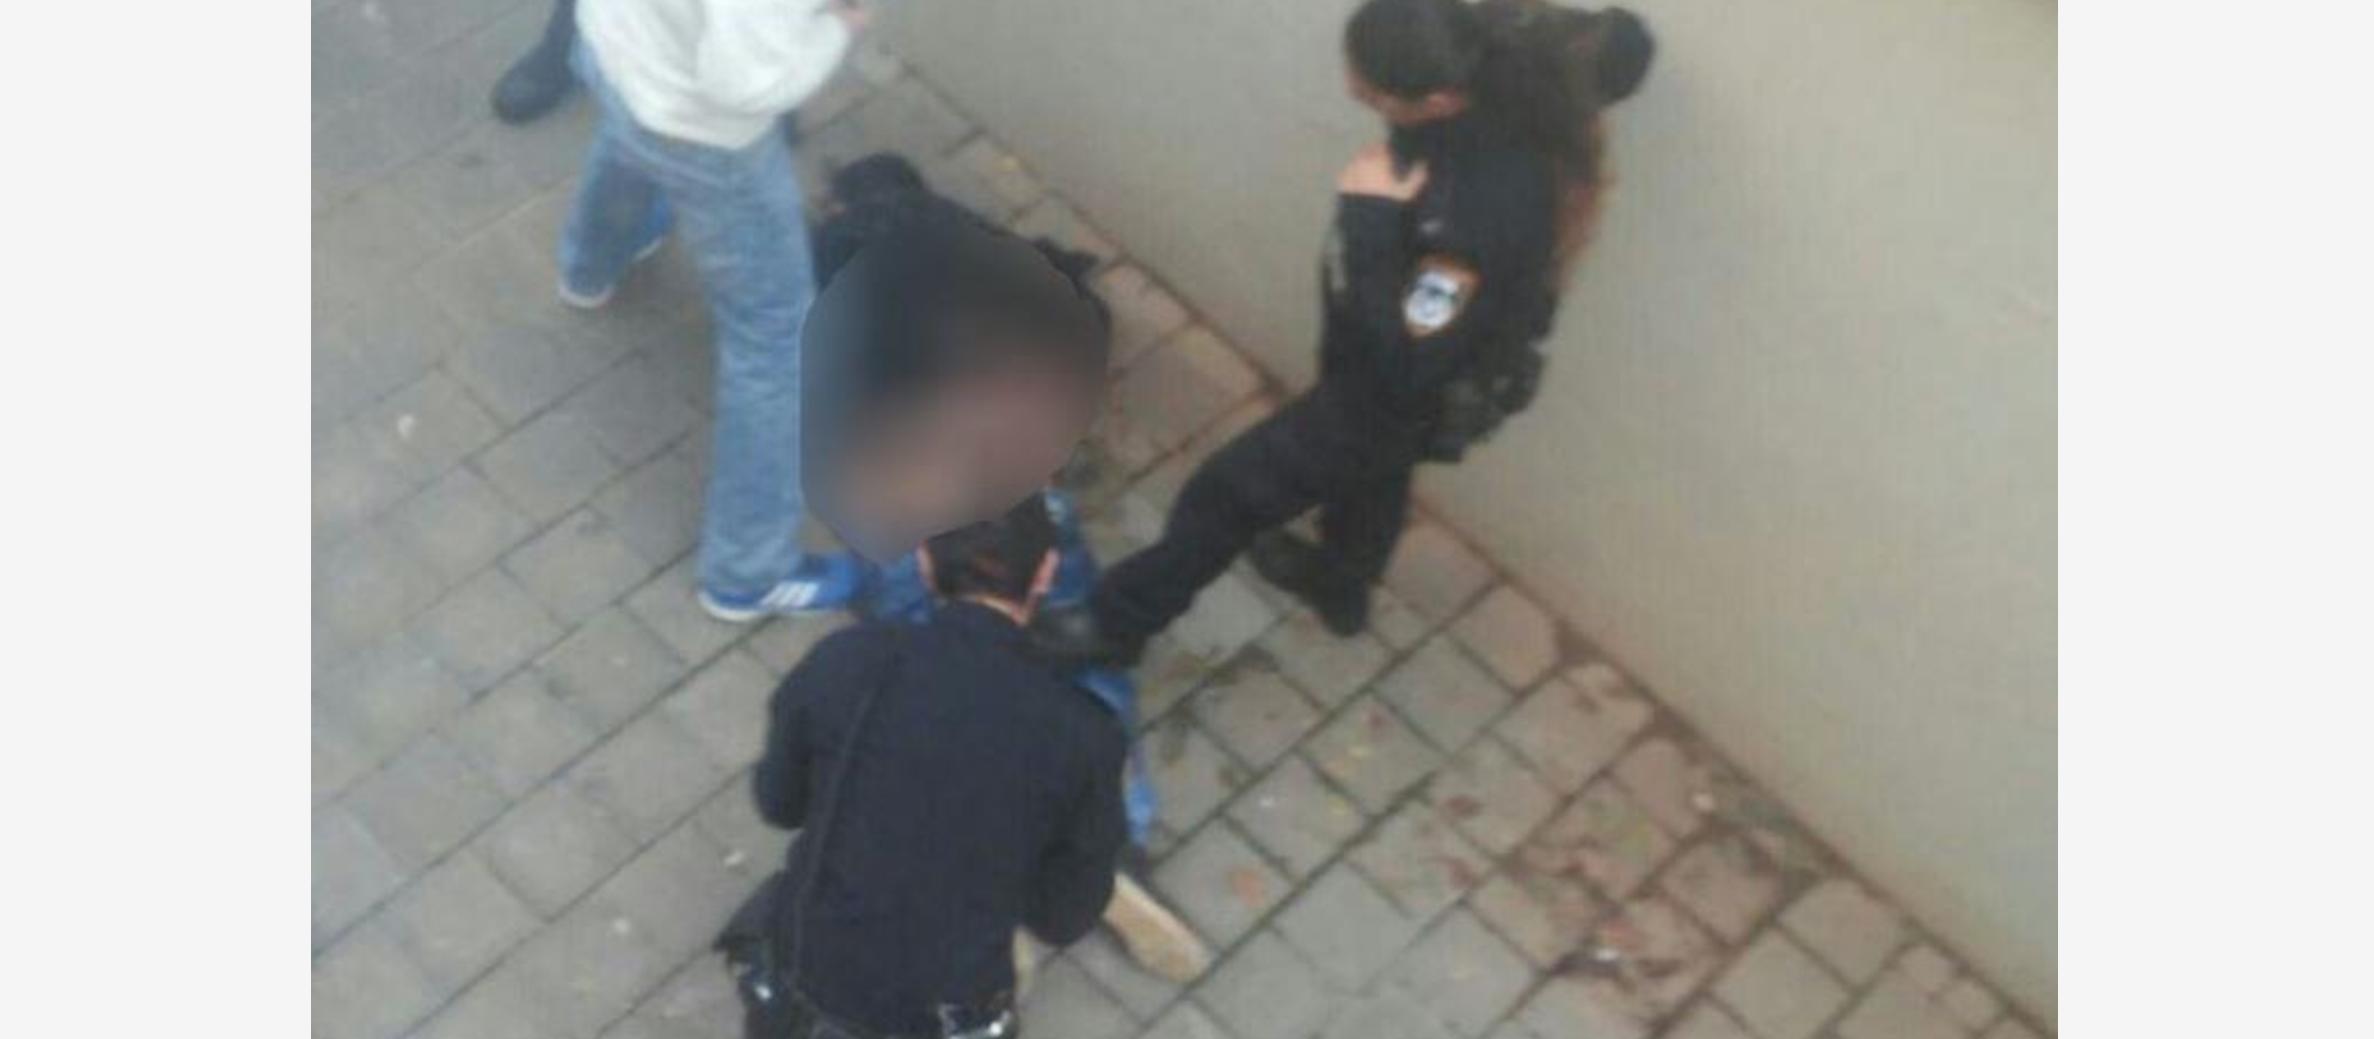 Weekend in review: Three Israelis stabbed in central Israeli city of Raanana